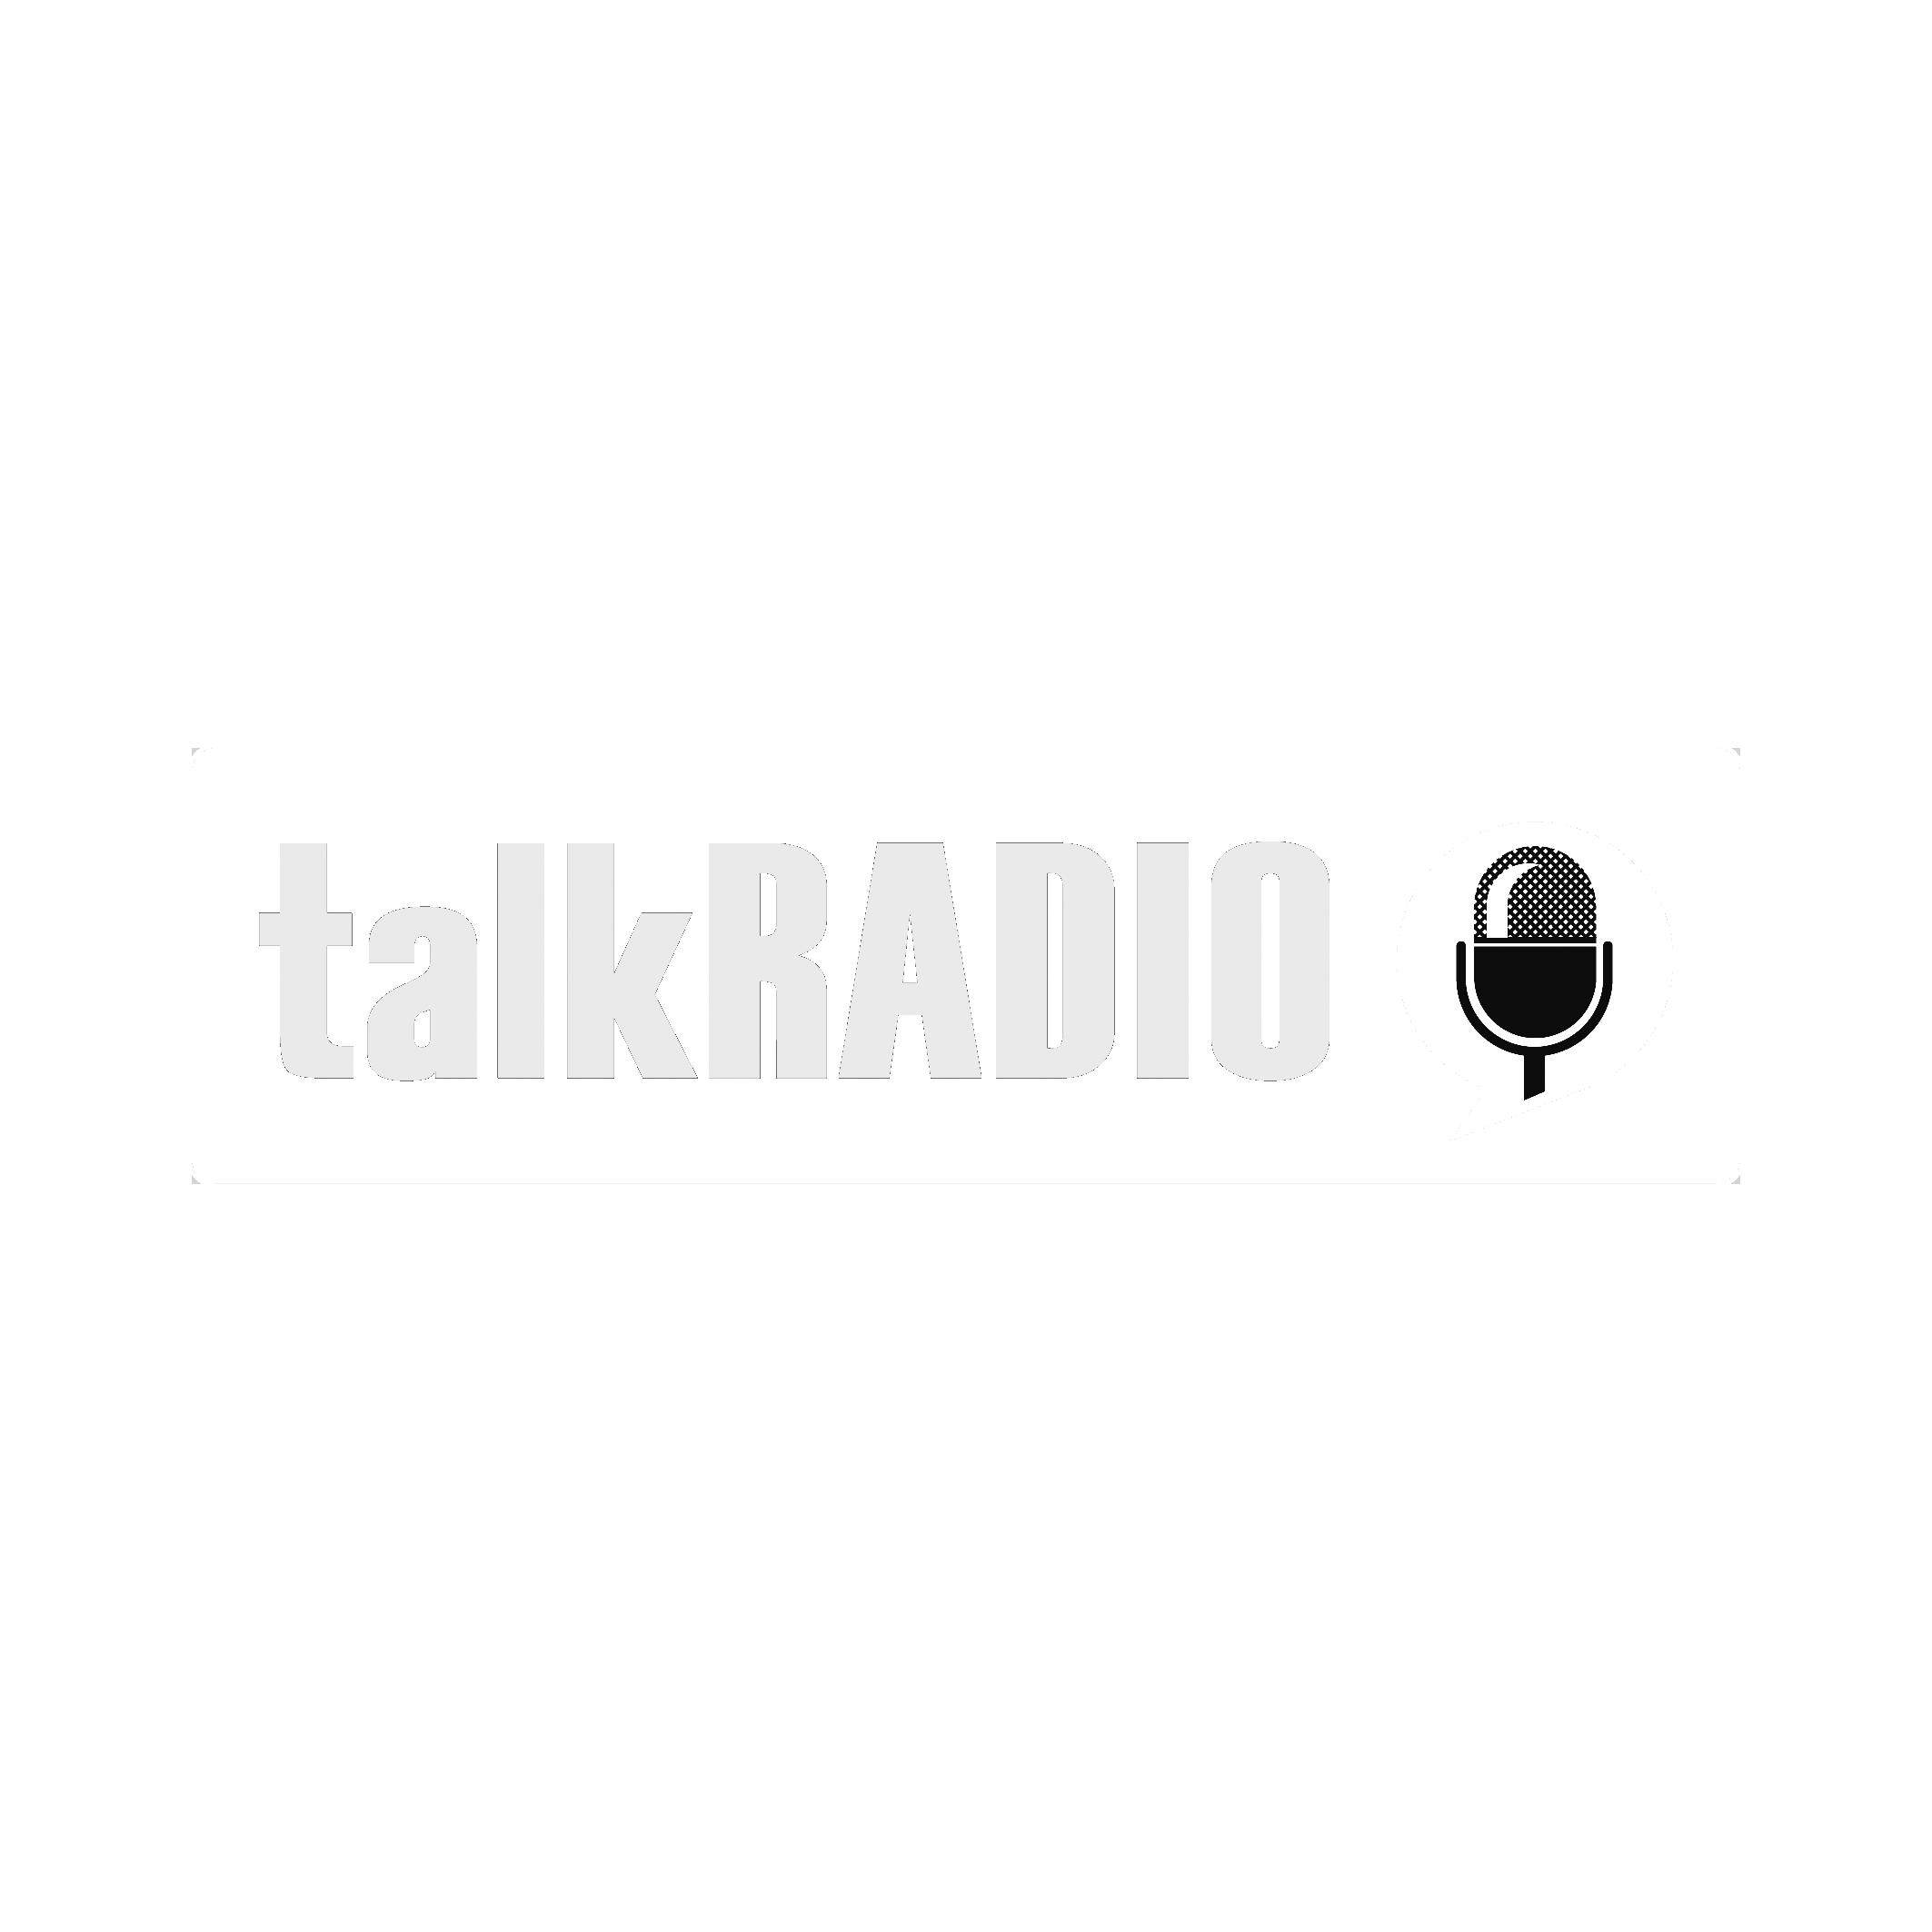 talkRADIO-bw.png